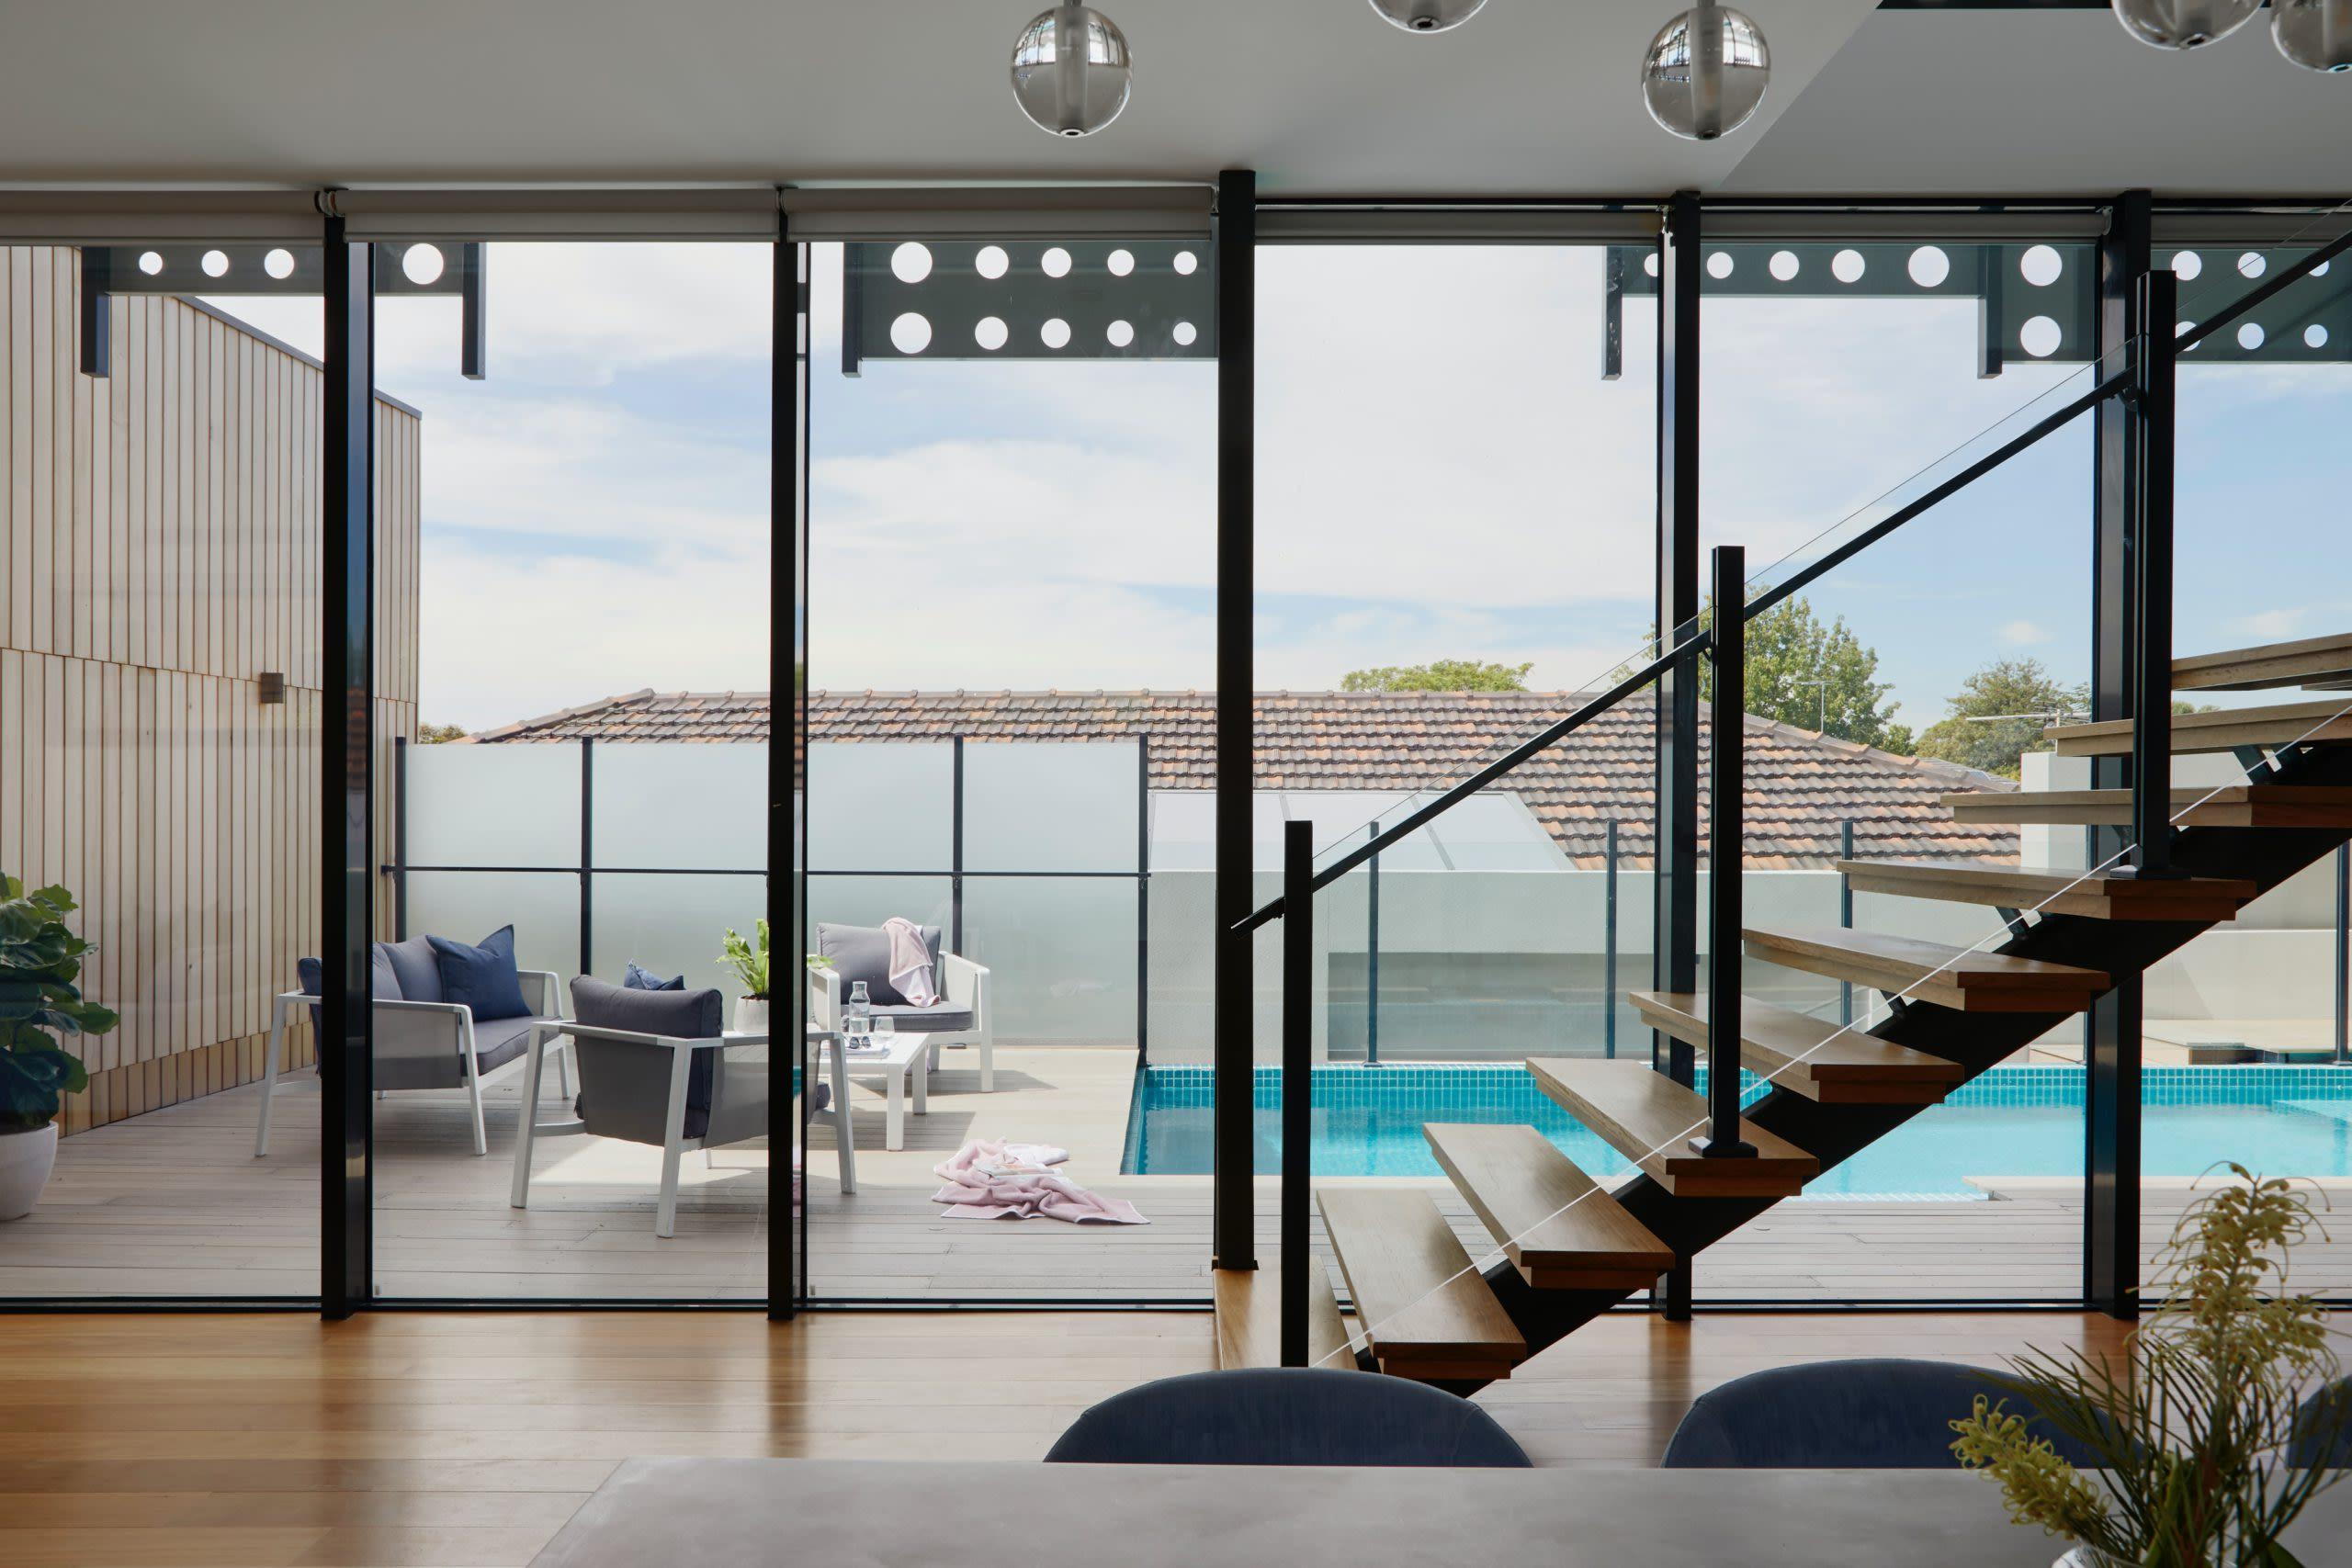 Fotografia do interior de um imóvel. À esquerda, é possível observar uma escada; ao centro, uma porta de vidro; e, ao fundo, uma piscina.